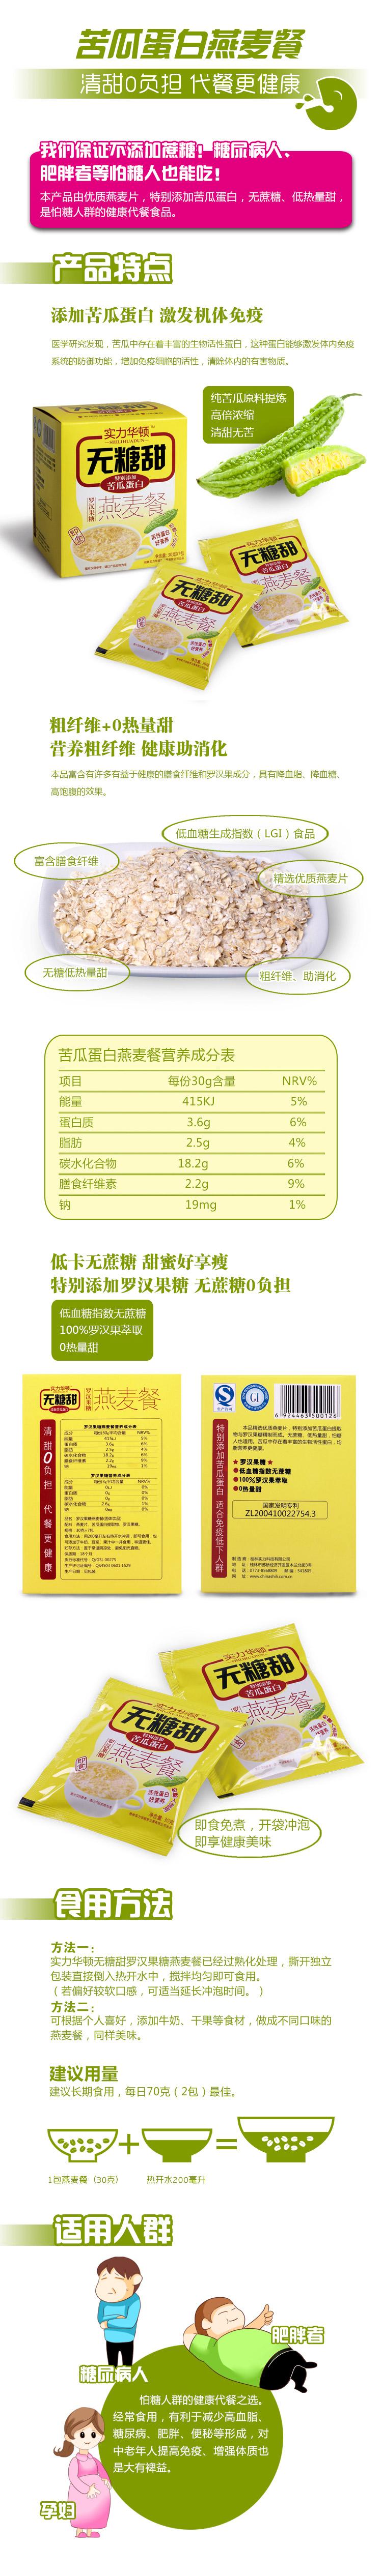 5-无糖甜苦瓜蛋白燕麦餐-主详情页.jpg